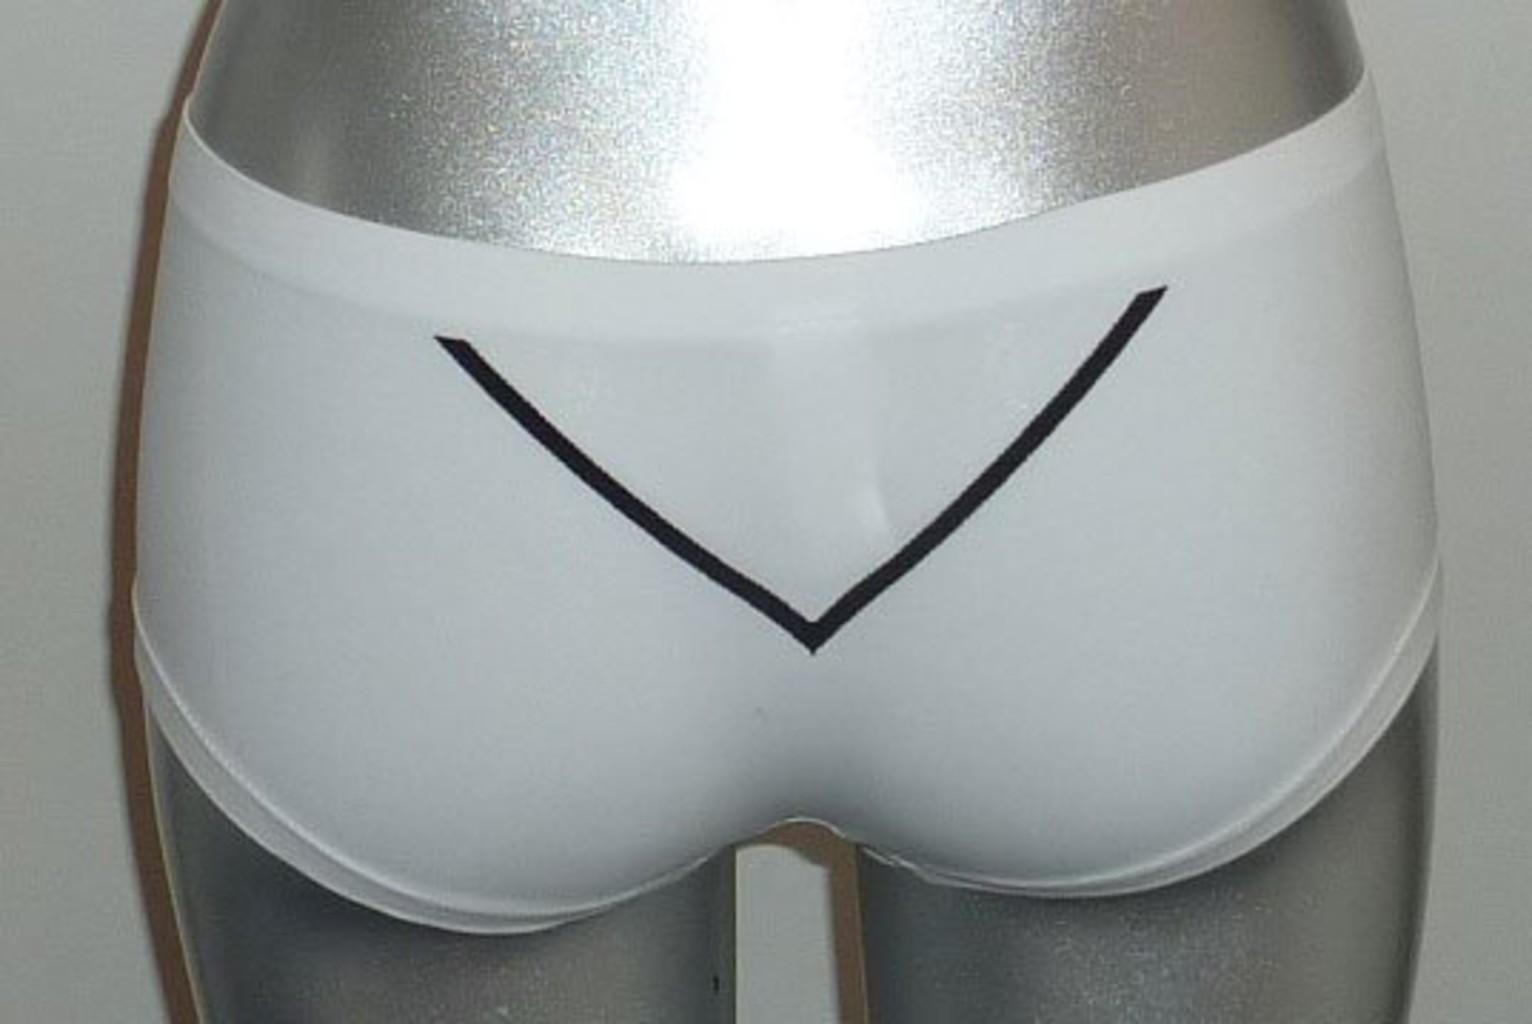 Dim ondergoed Dim Free Feeling twee-delig microfaser boxershortset in kleur wit & zwart